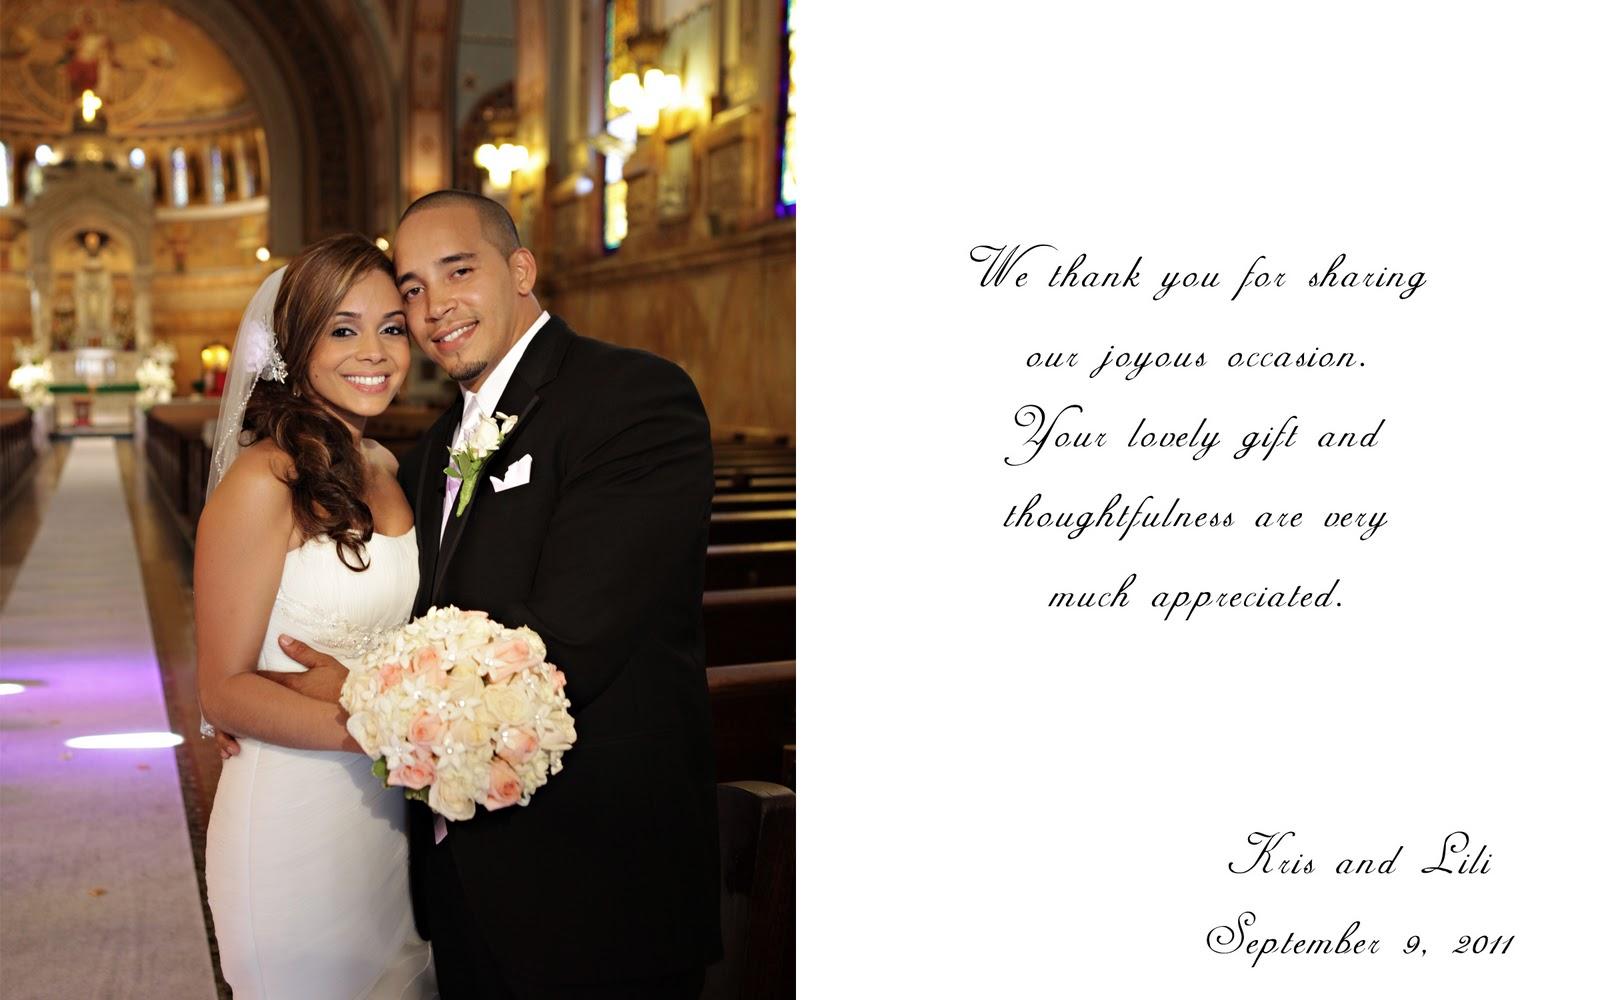 Wedding Photography And Cinematography: Wedding Thank You